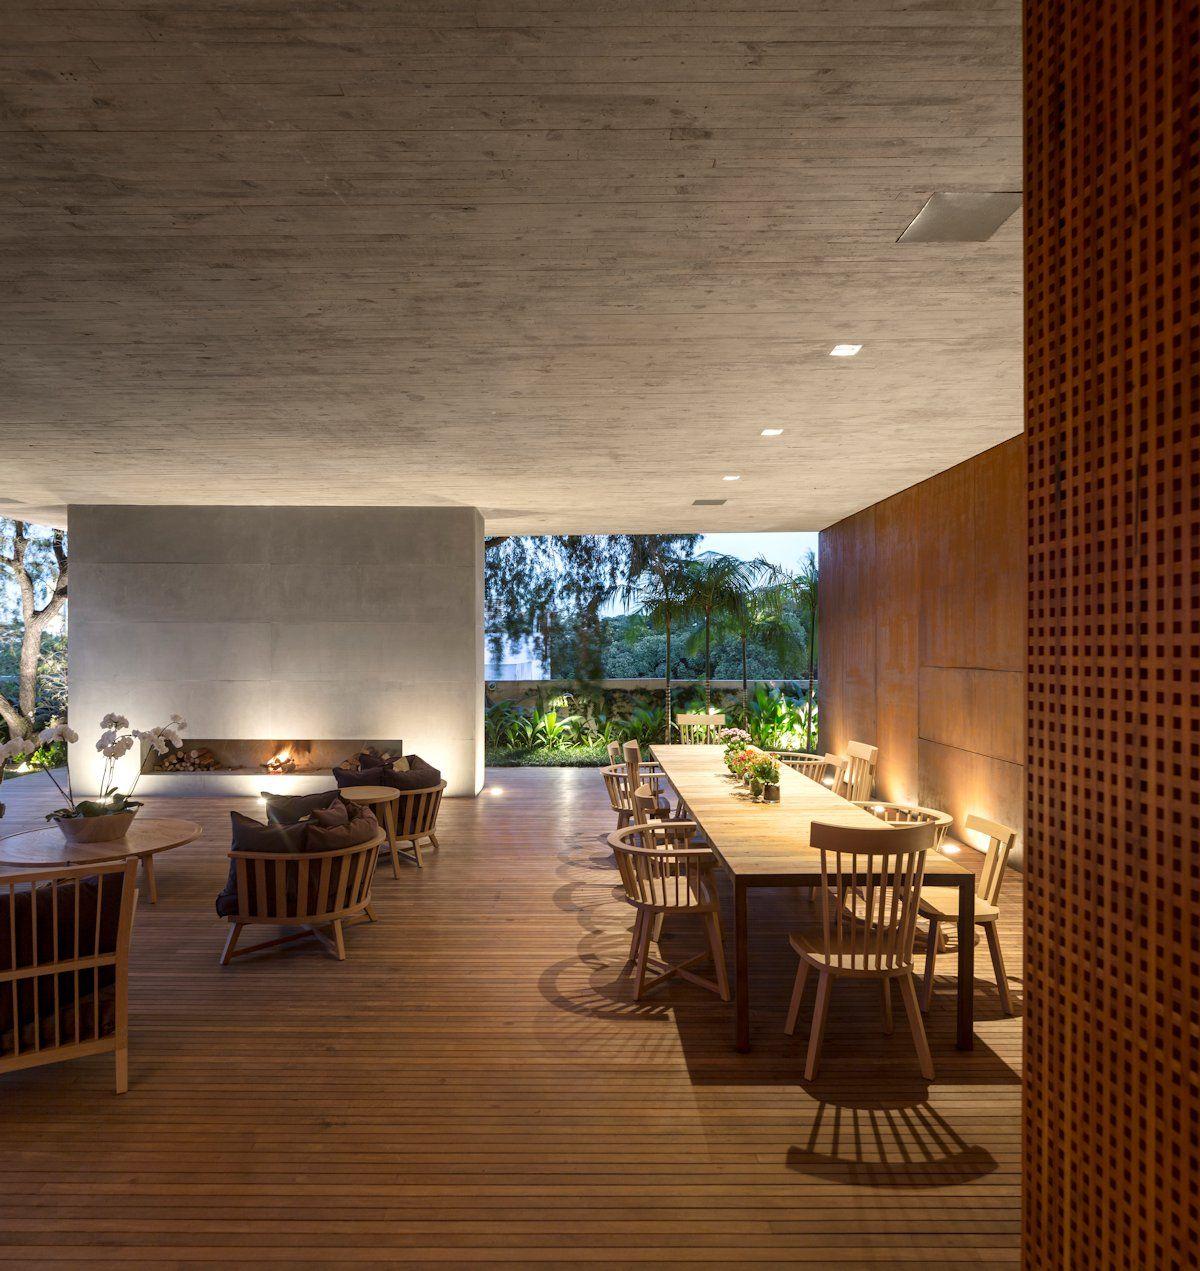 Casa P by Studio MK27 | costa rica | Pinterest | Wohnen